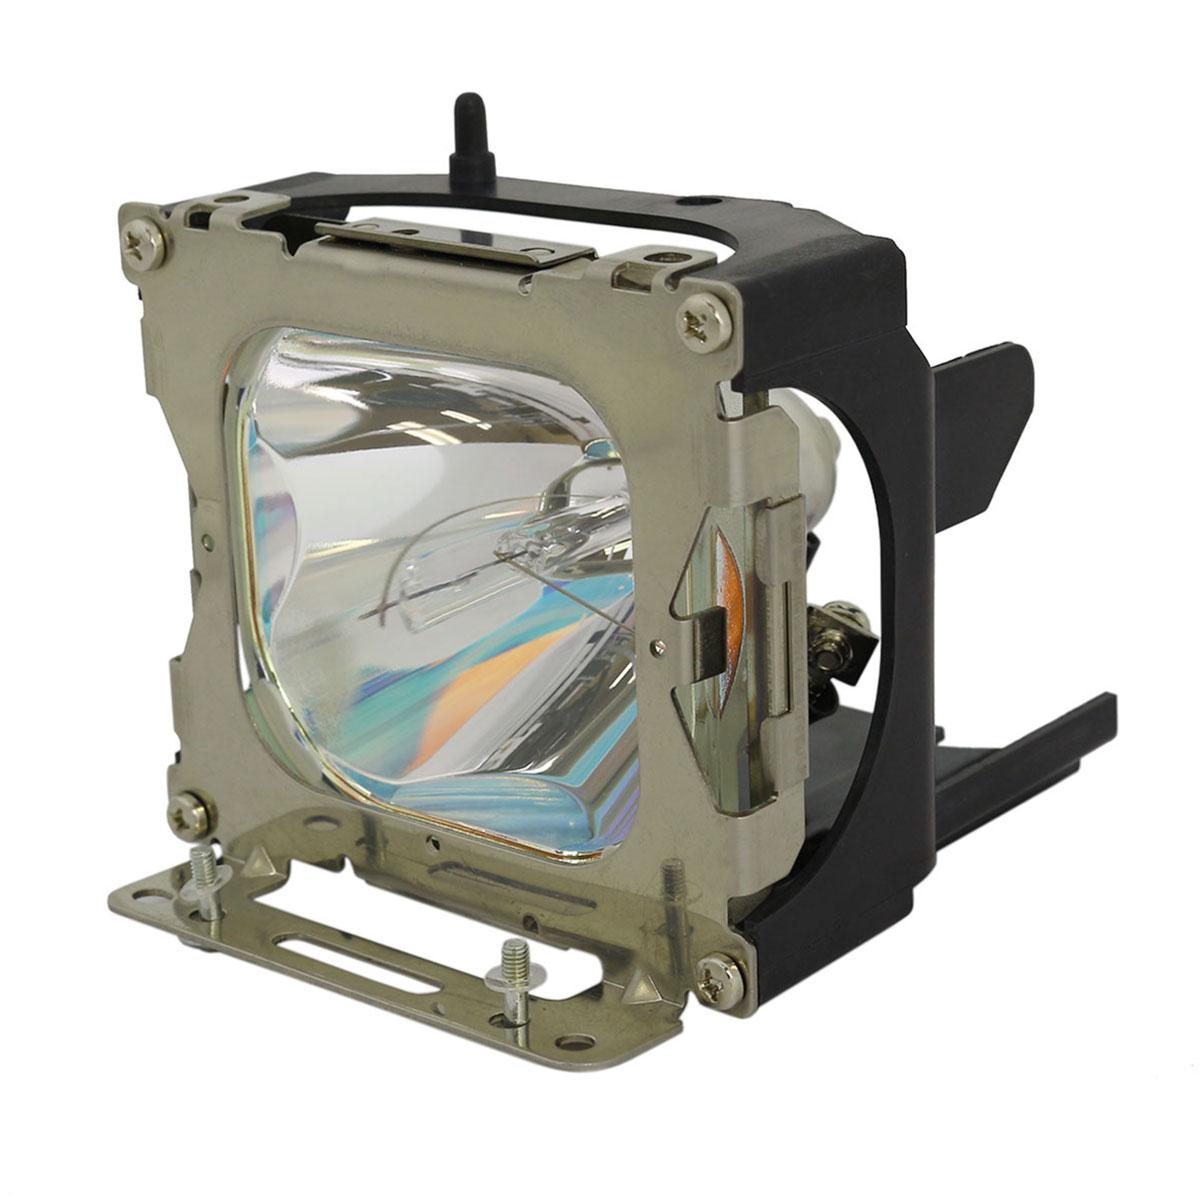 Viewsonic RLC-150-03A FP Lamp